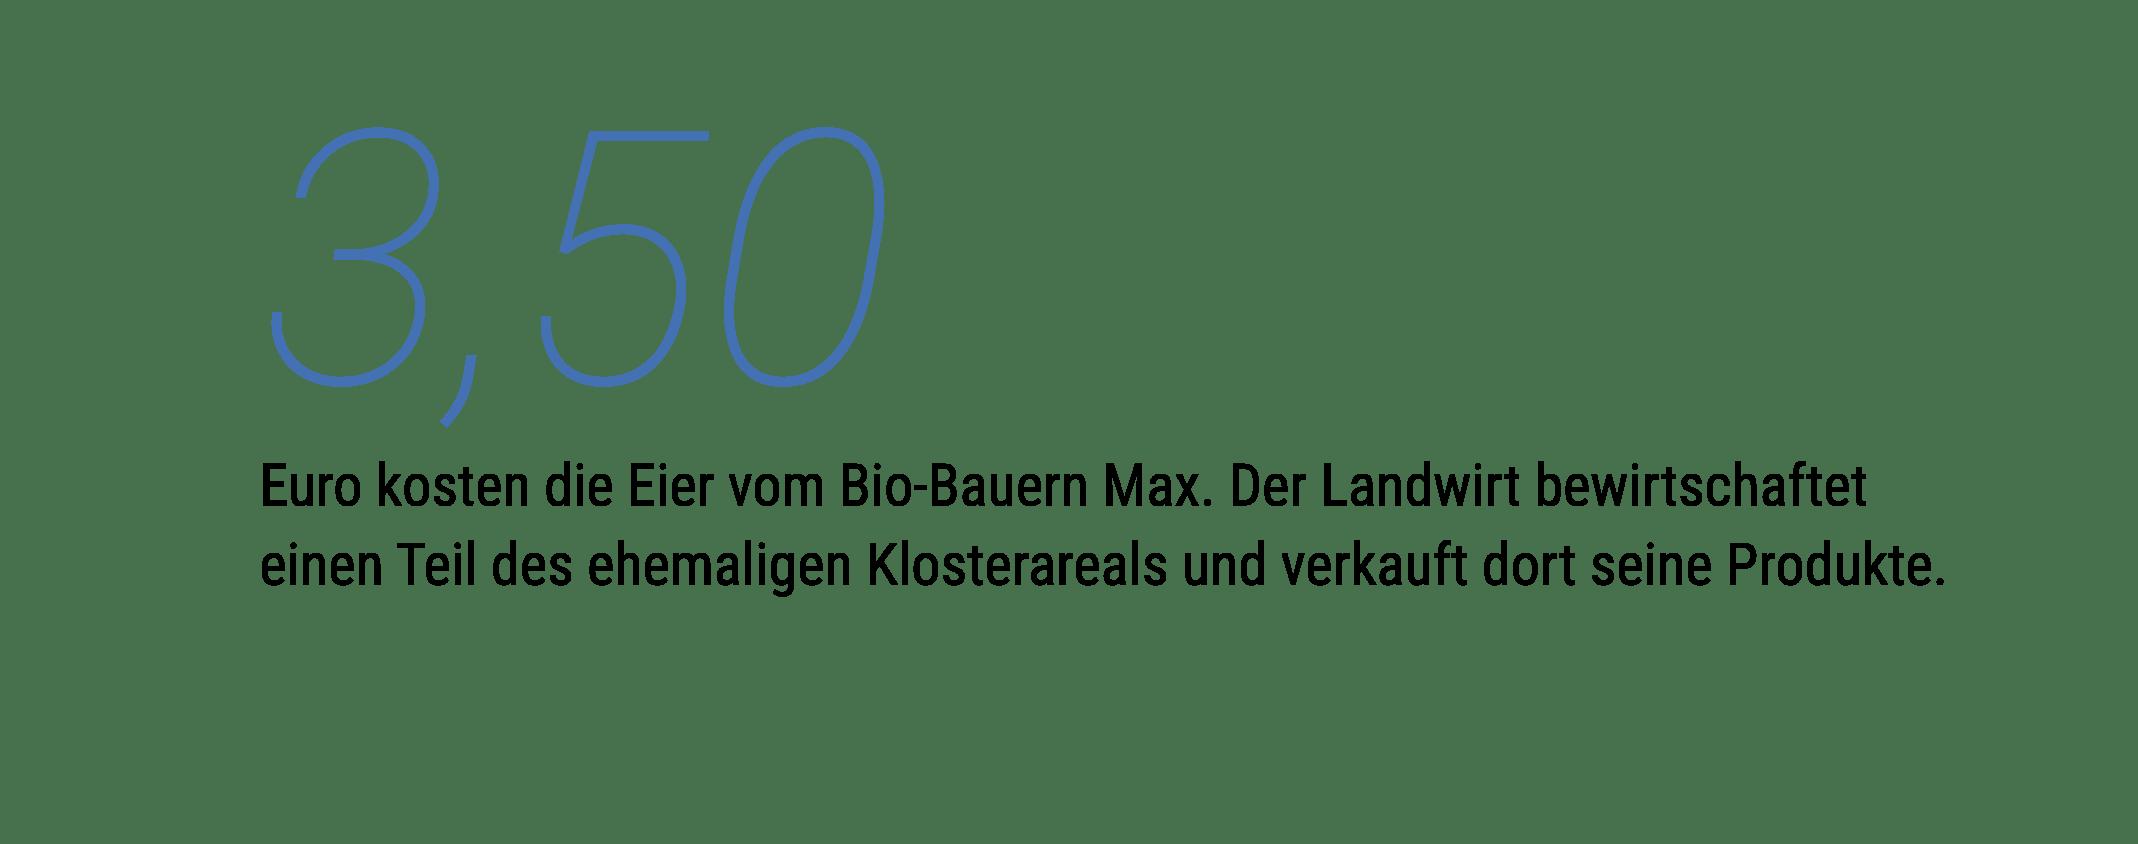 Timeline_Kloster_Eichgraben_Pfade-10